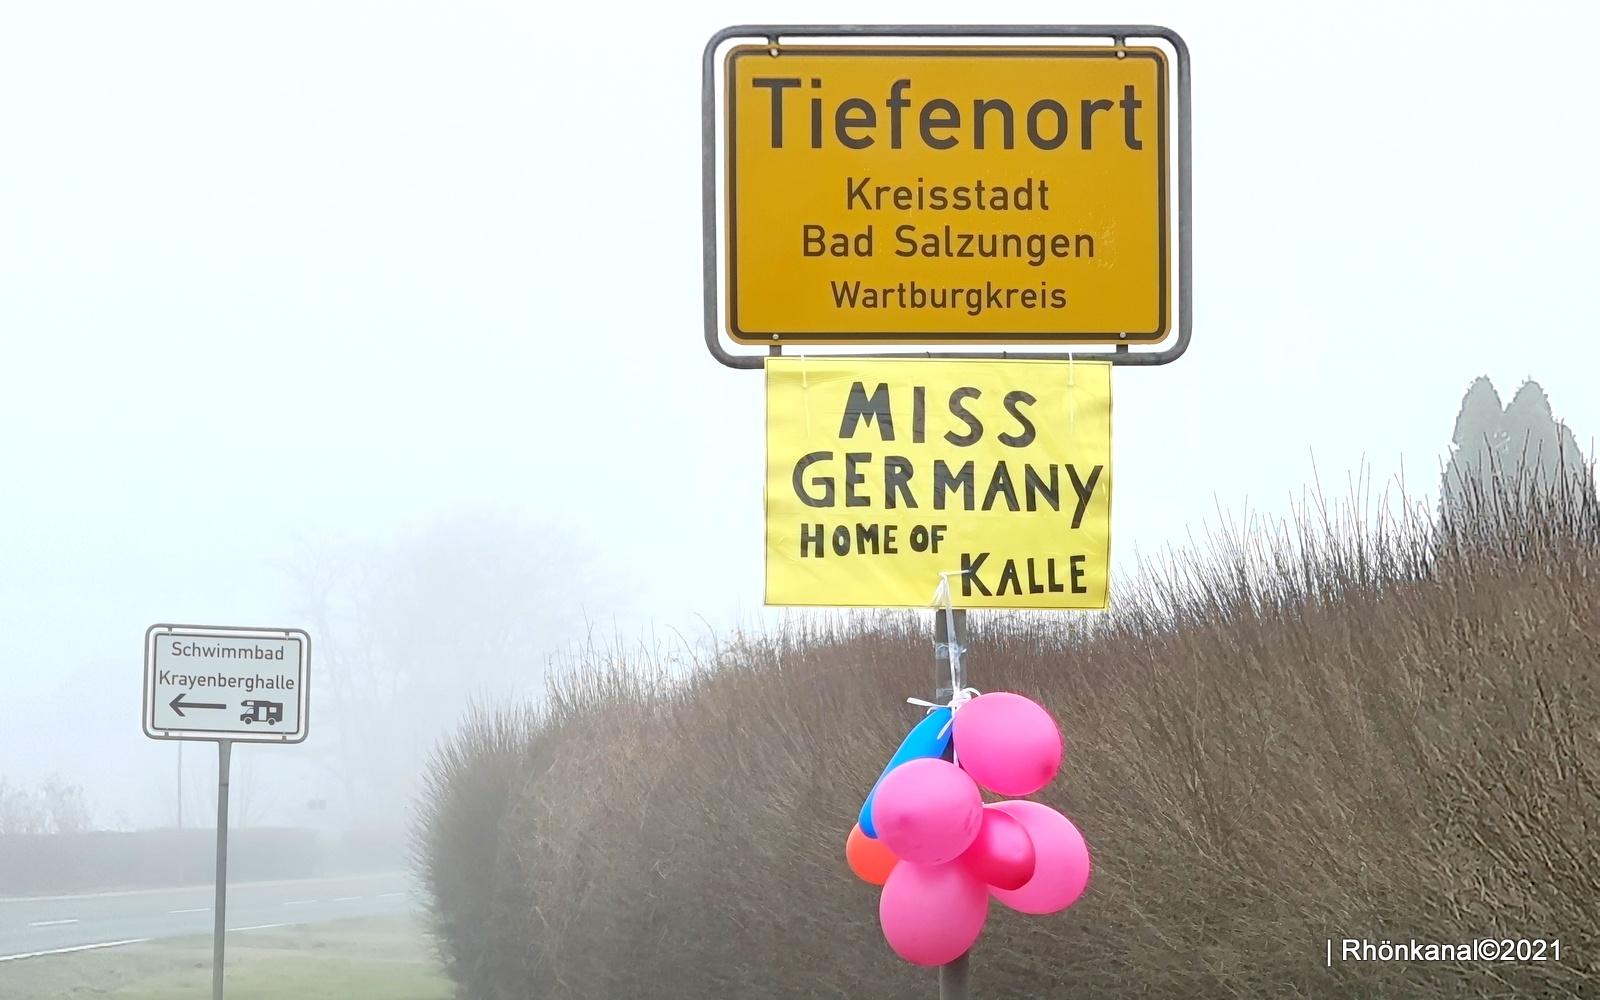 Wir sind Miss Germany - Anja aus Tiefenort ist die ...